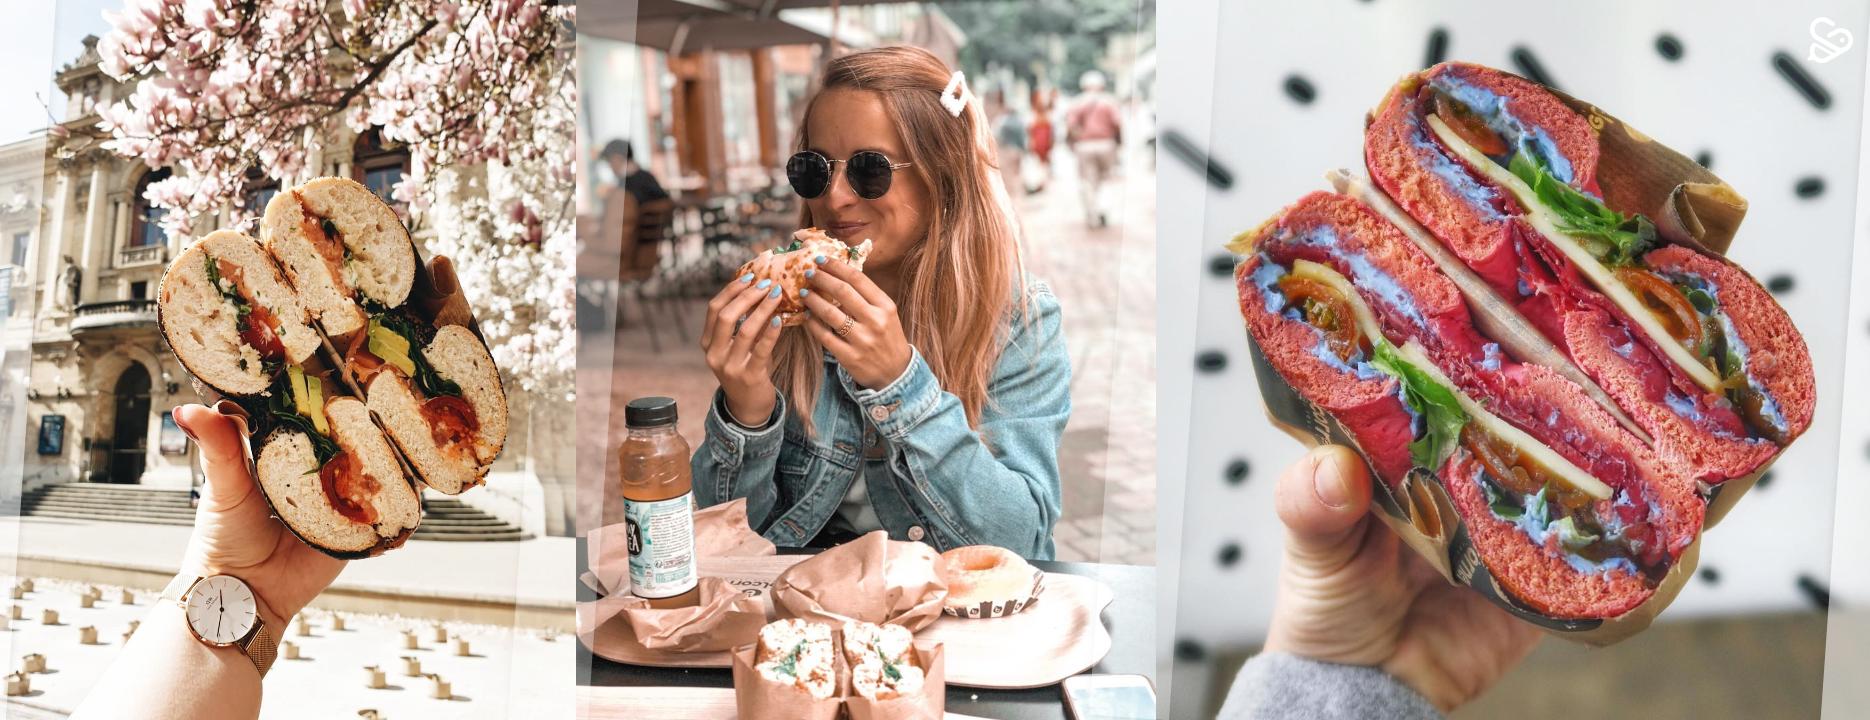 3 femmes mangent un bagel